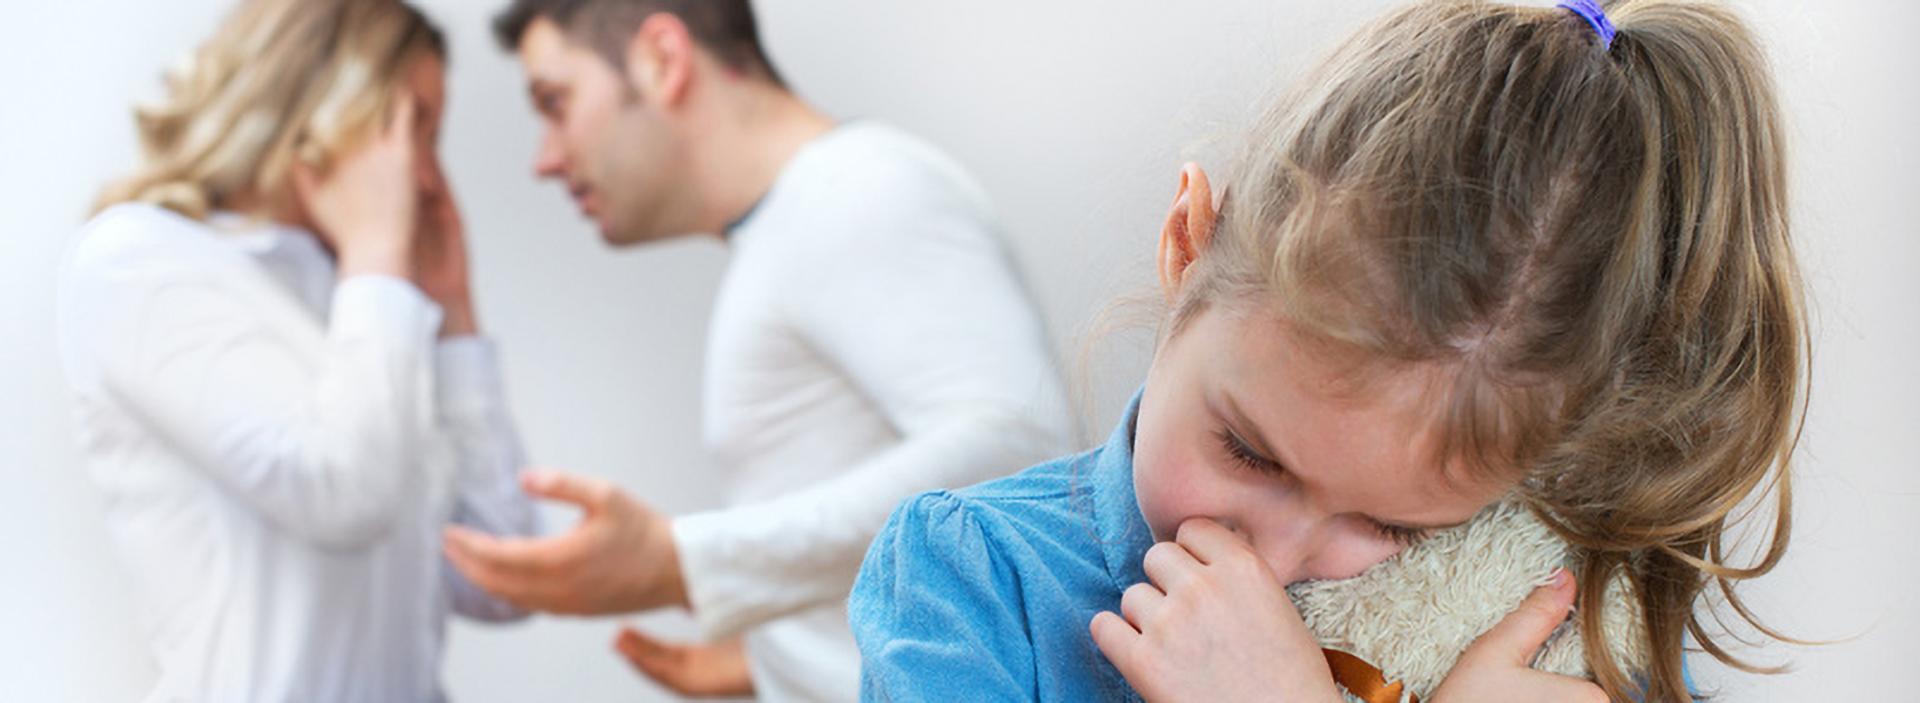 Especialização Avançada em Intervenção Familiar Sistémica